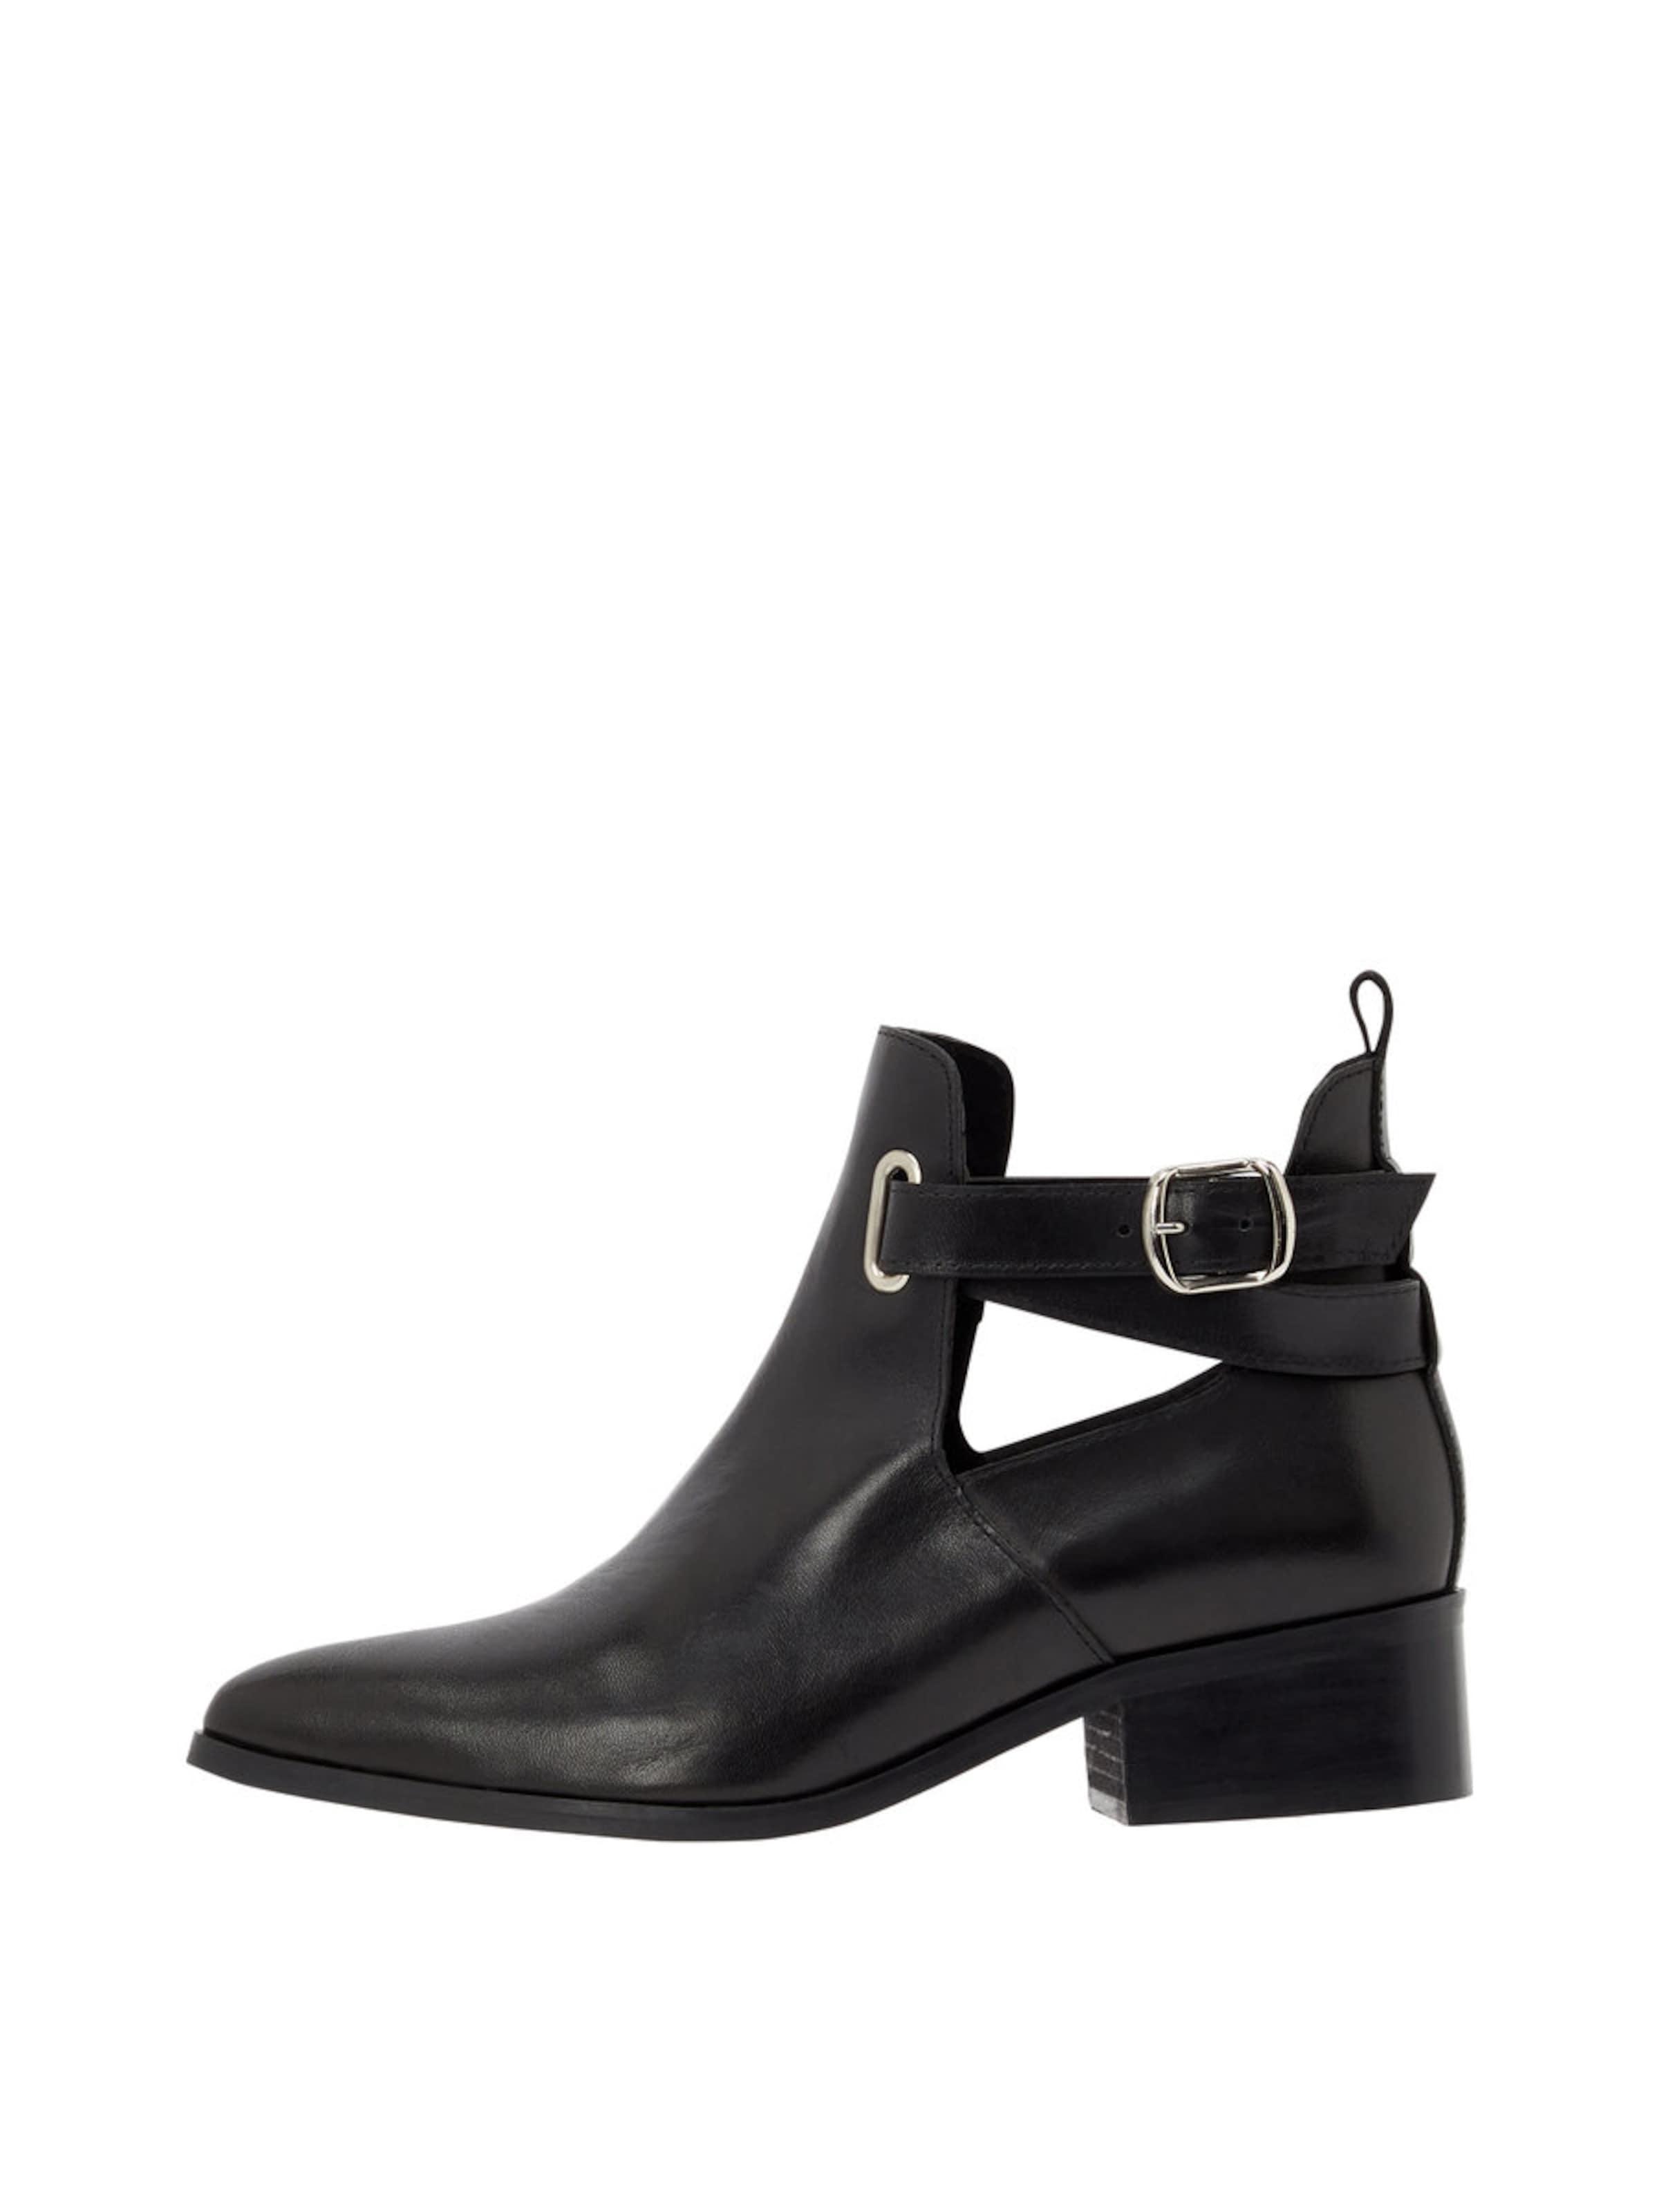 Bianco Schuhe Günstige und langlebige Schuhe